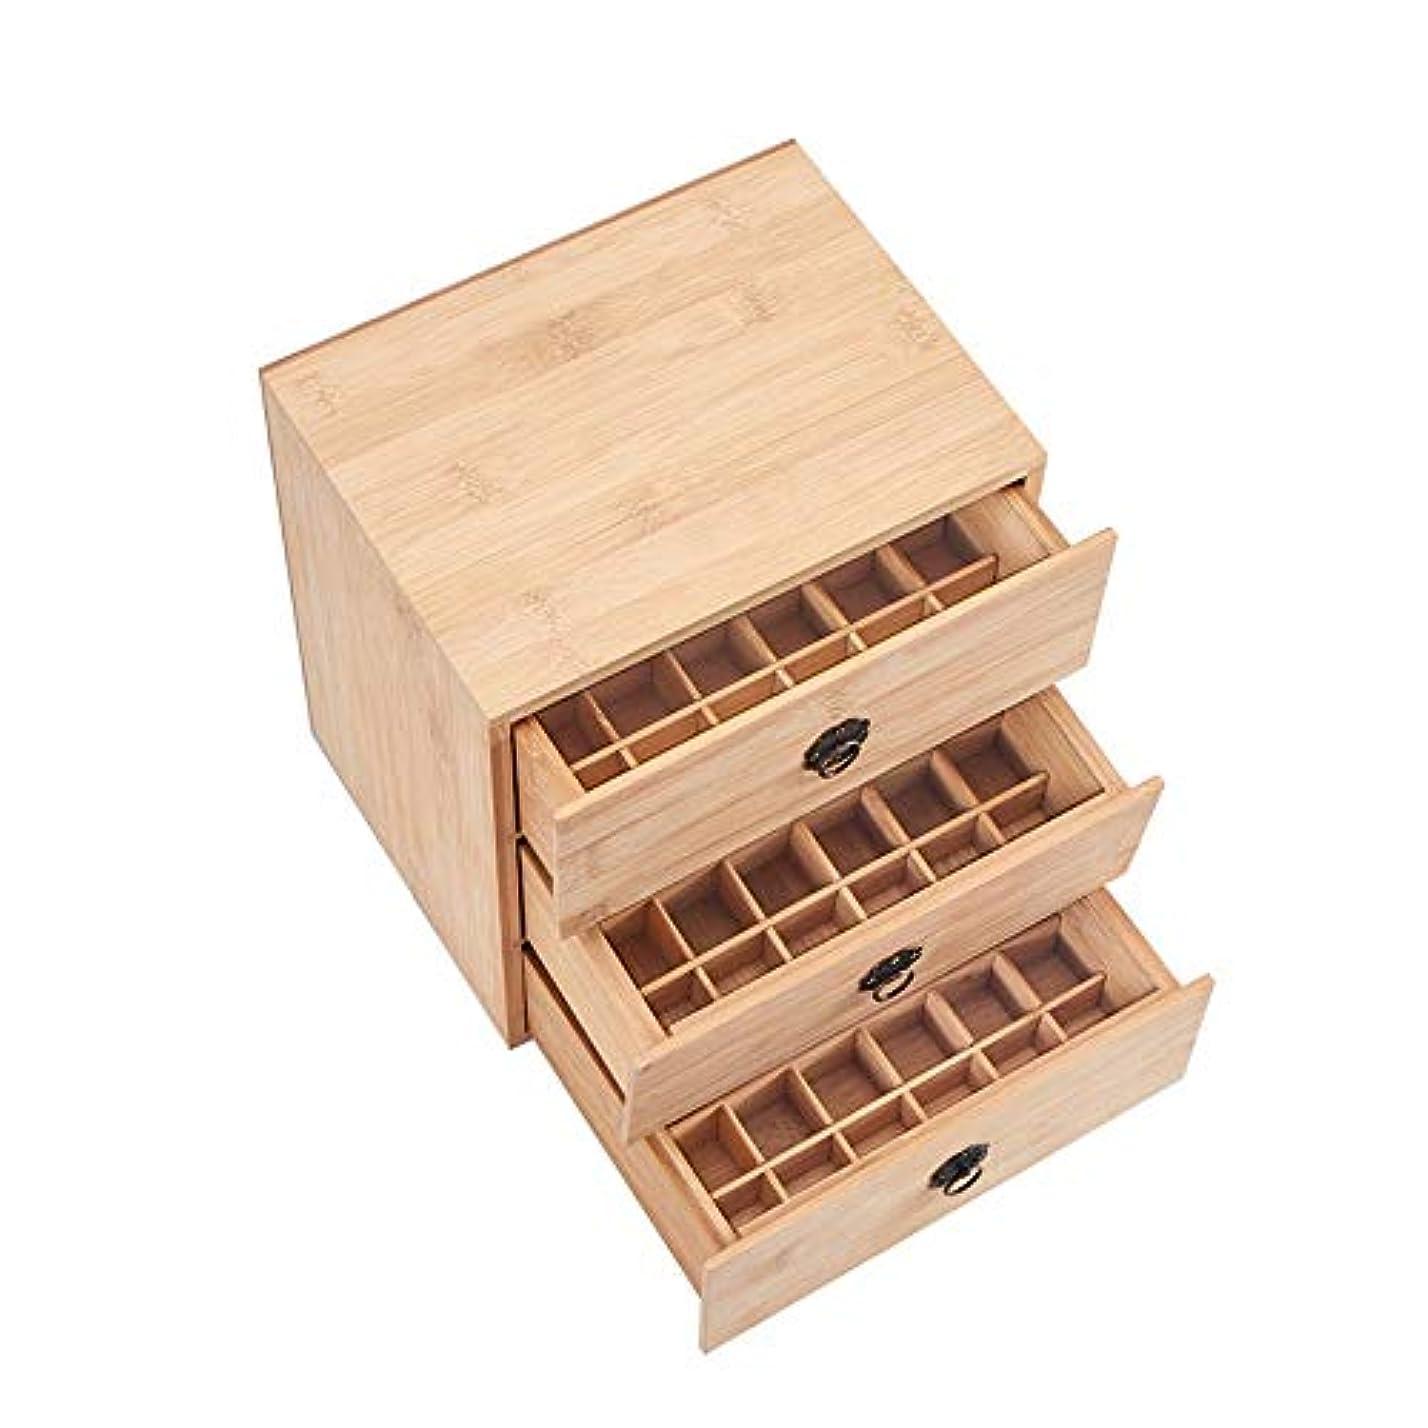 ブラウザミット希少性エッセンシャルオイルの保管 90本のスロット木エッセンシャルオイルボックス3ティア15/10/5 M1のボトルナチュラル竹 (色 : Natural, サイズ : 24.5X20X26CM)